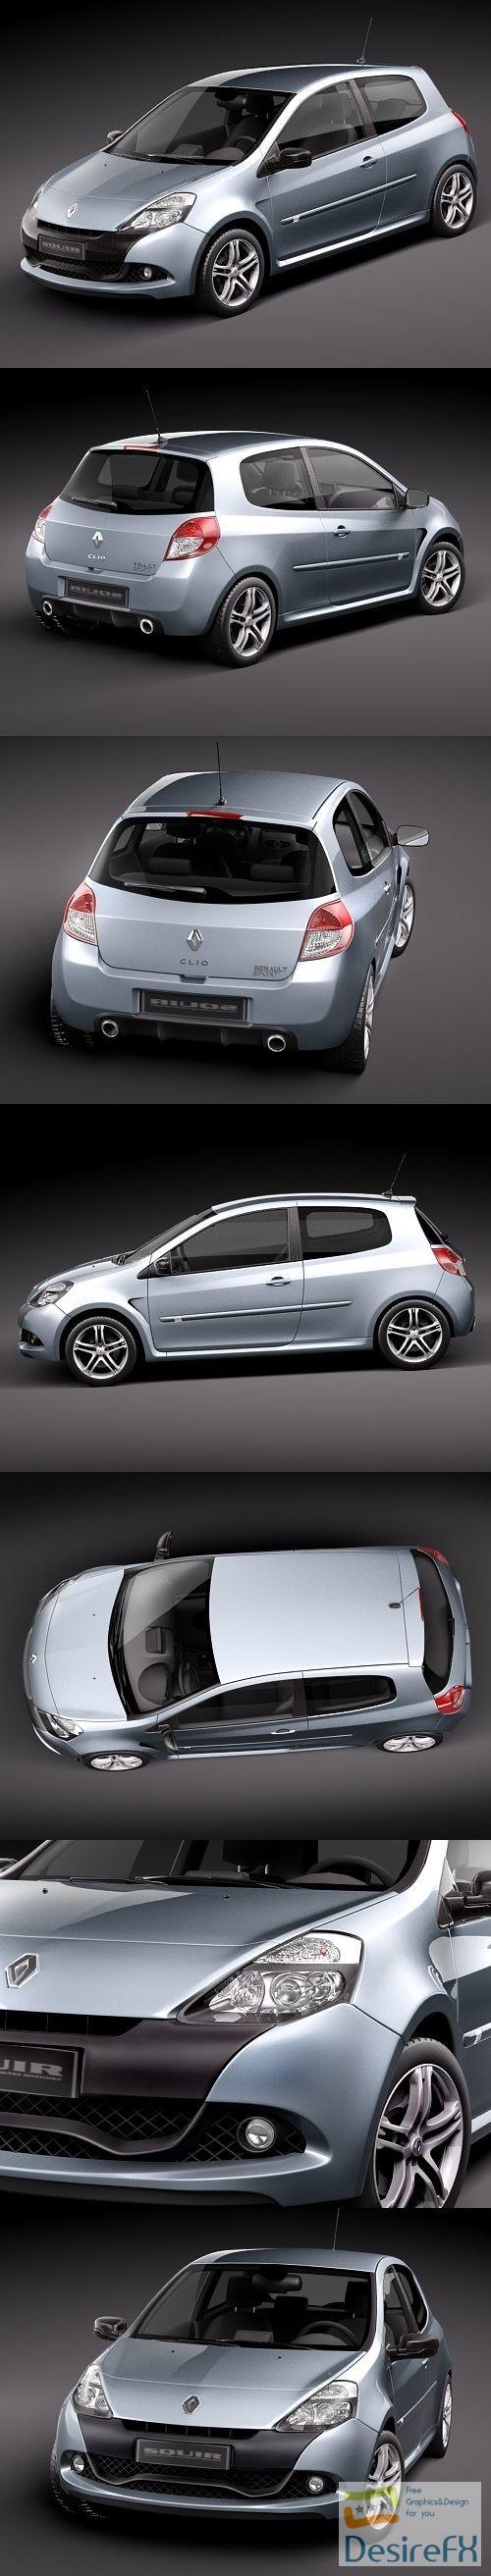 3d-models - Renault Clio RS 2010 3D Model